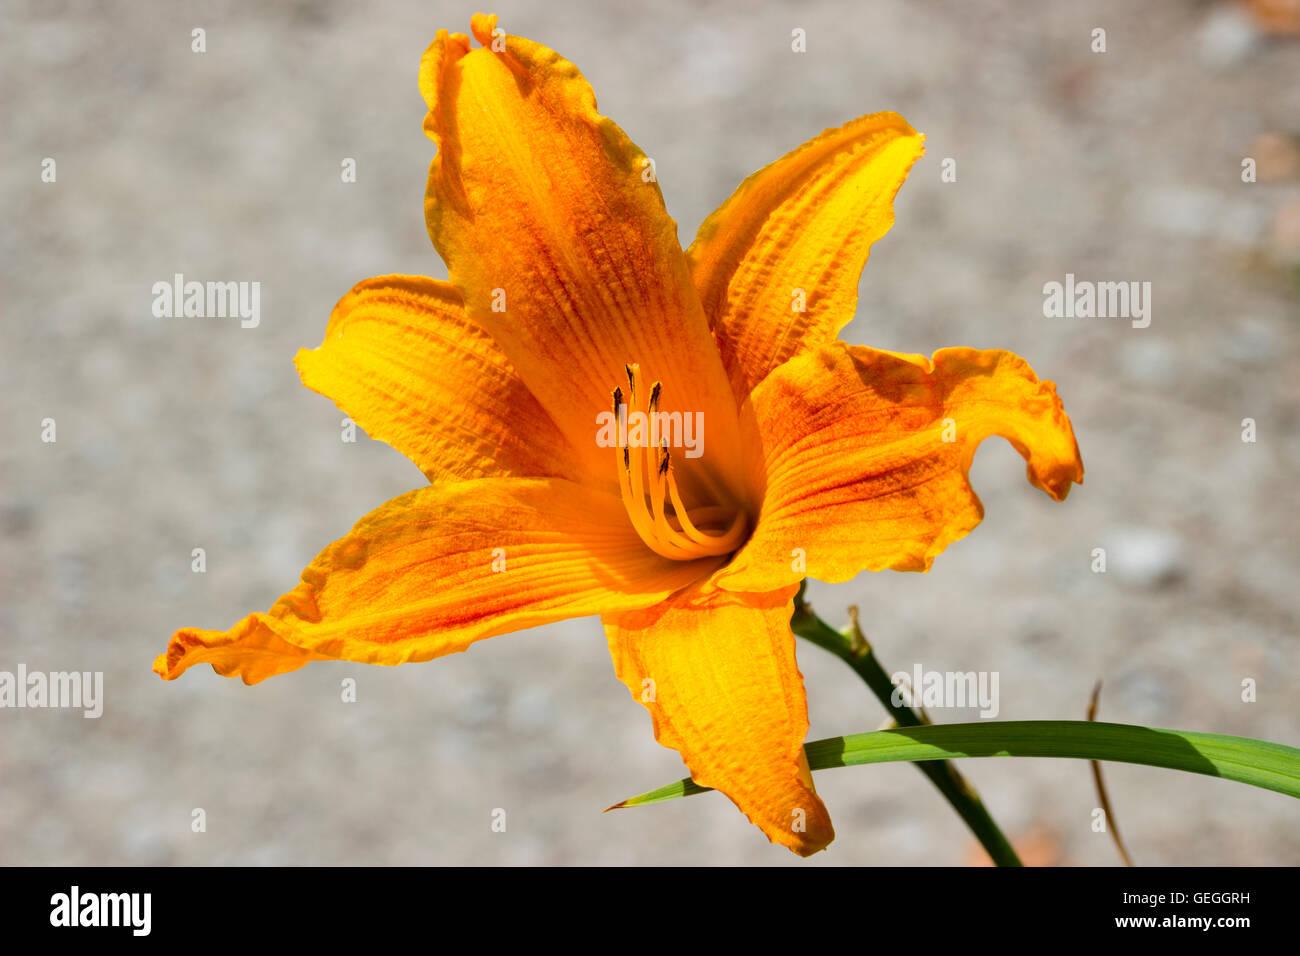 """Vivid giallo arancione tromba fiore del giglio di giorno, Hemerocallis 'Burning Daylight"""" Immagini Stock"""